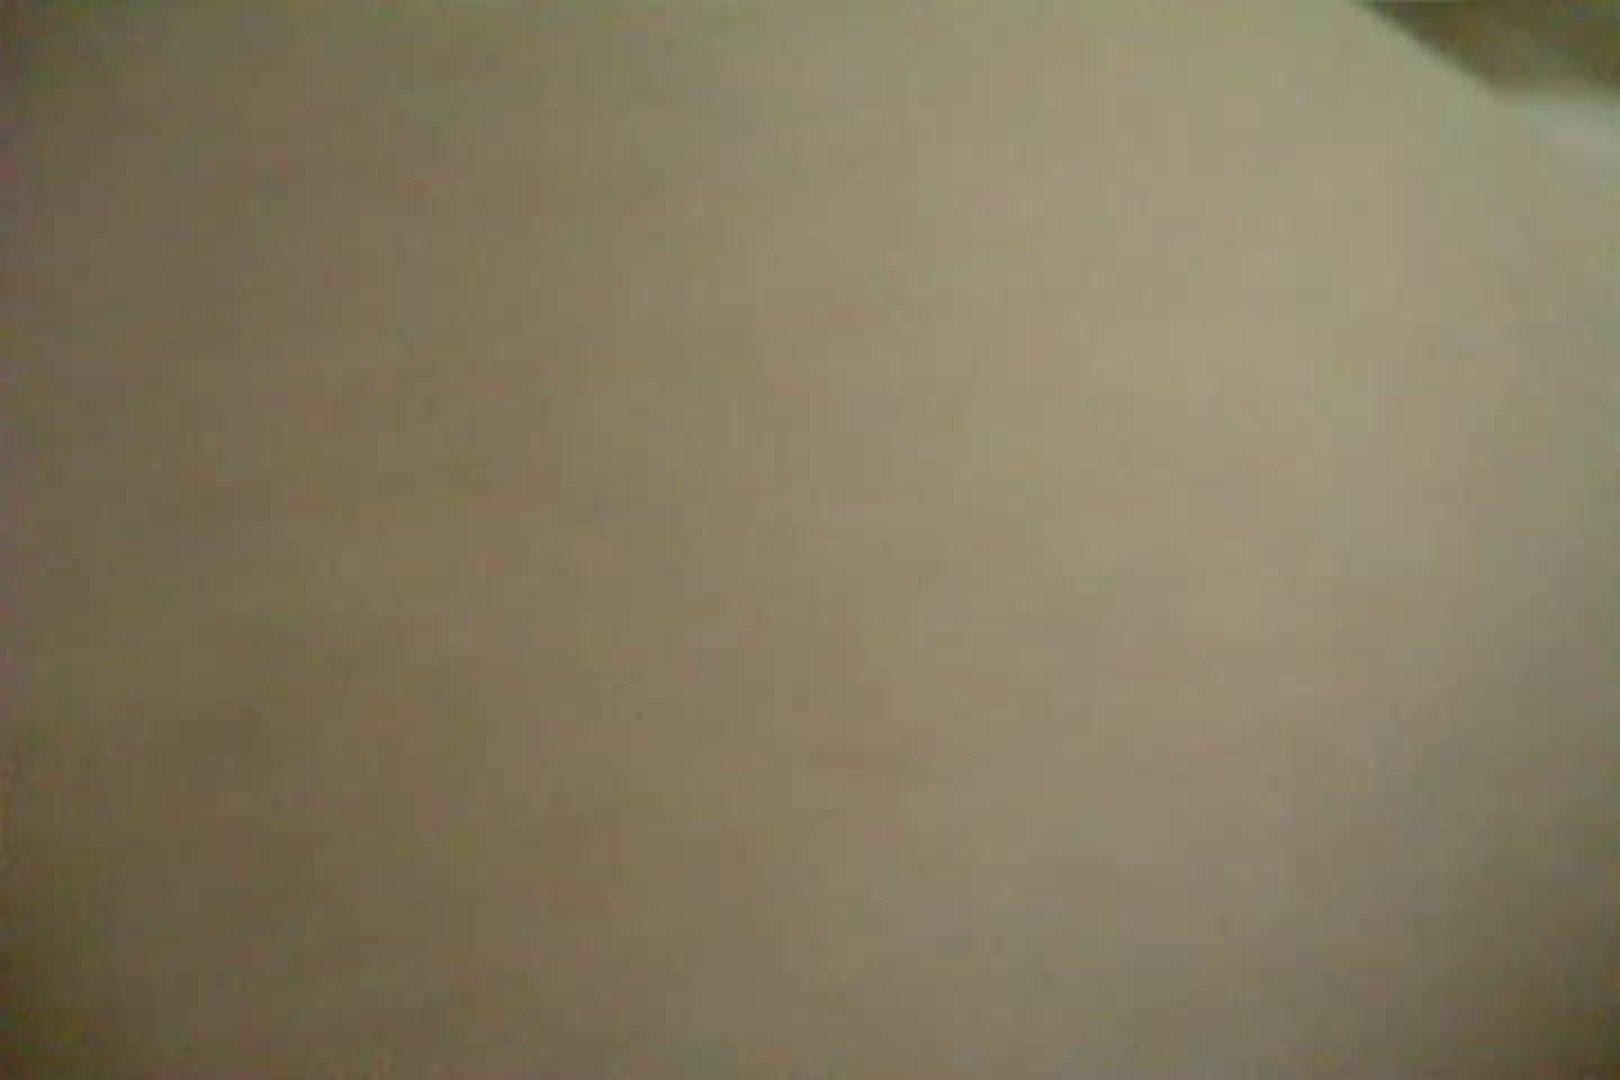 ウイルス流出 鹿児島県庁職員 中瀬瀬久成の流出ビデオ 流出作品 | 0  101画像 16